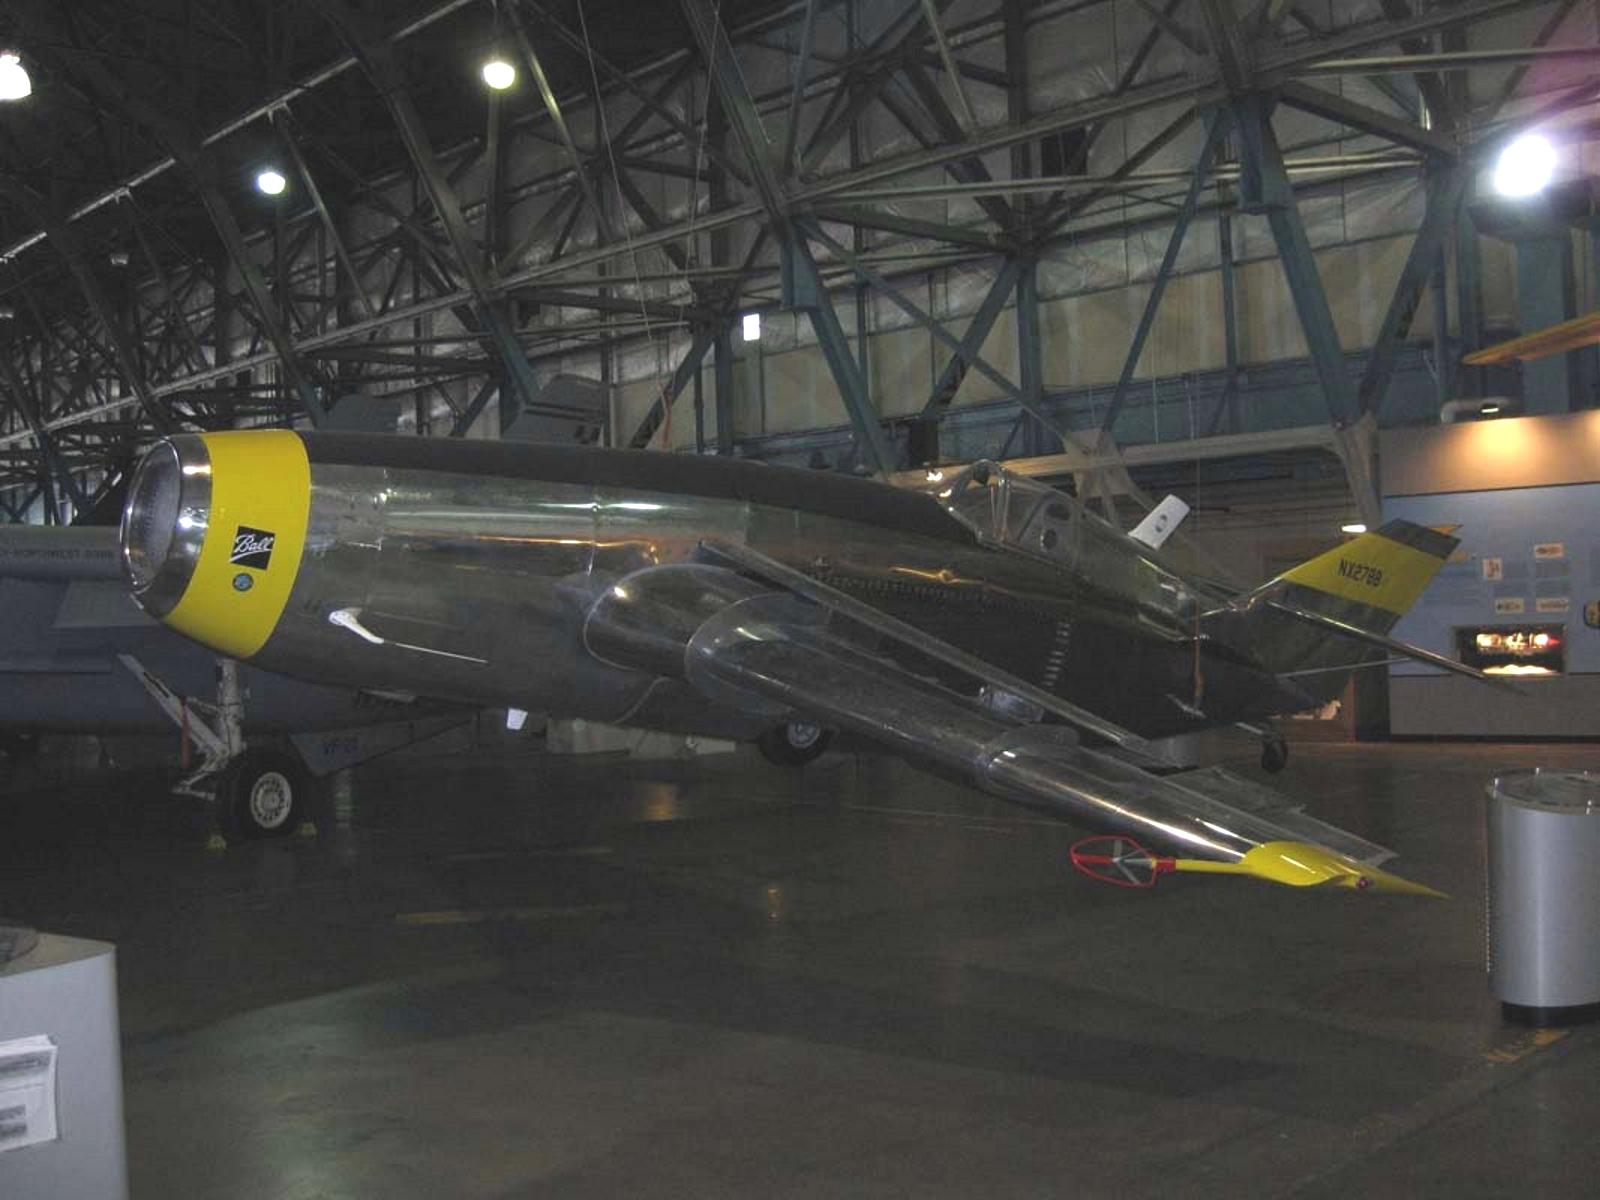 Bal-Bartoe JW-1 Jetwing